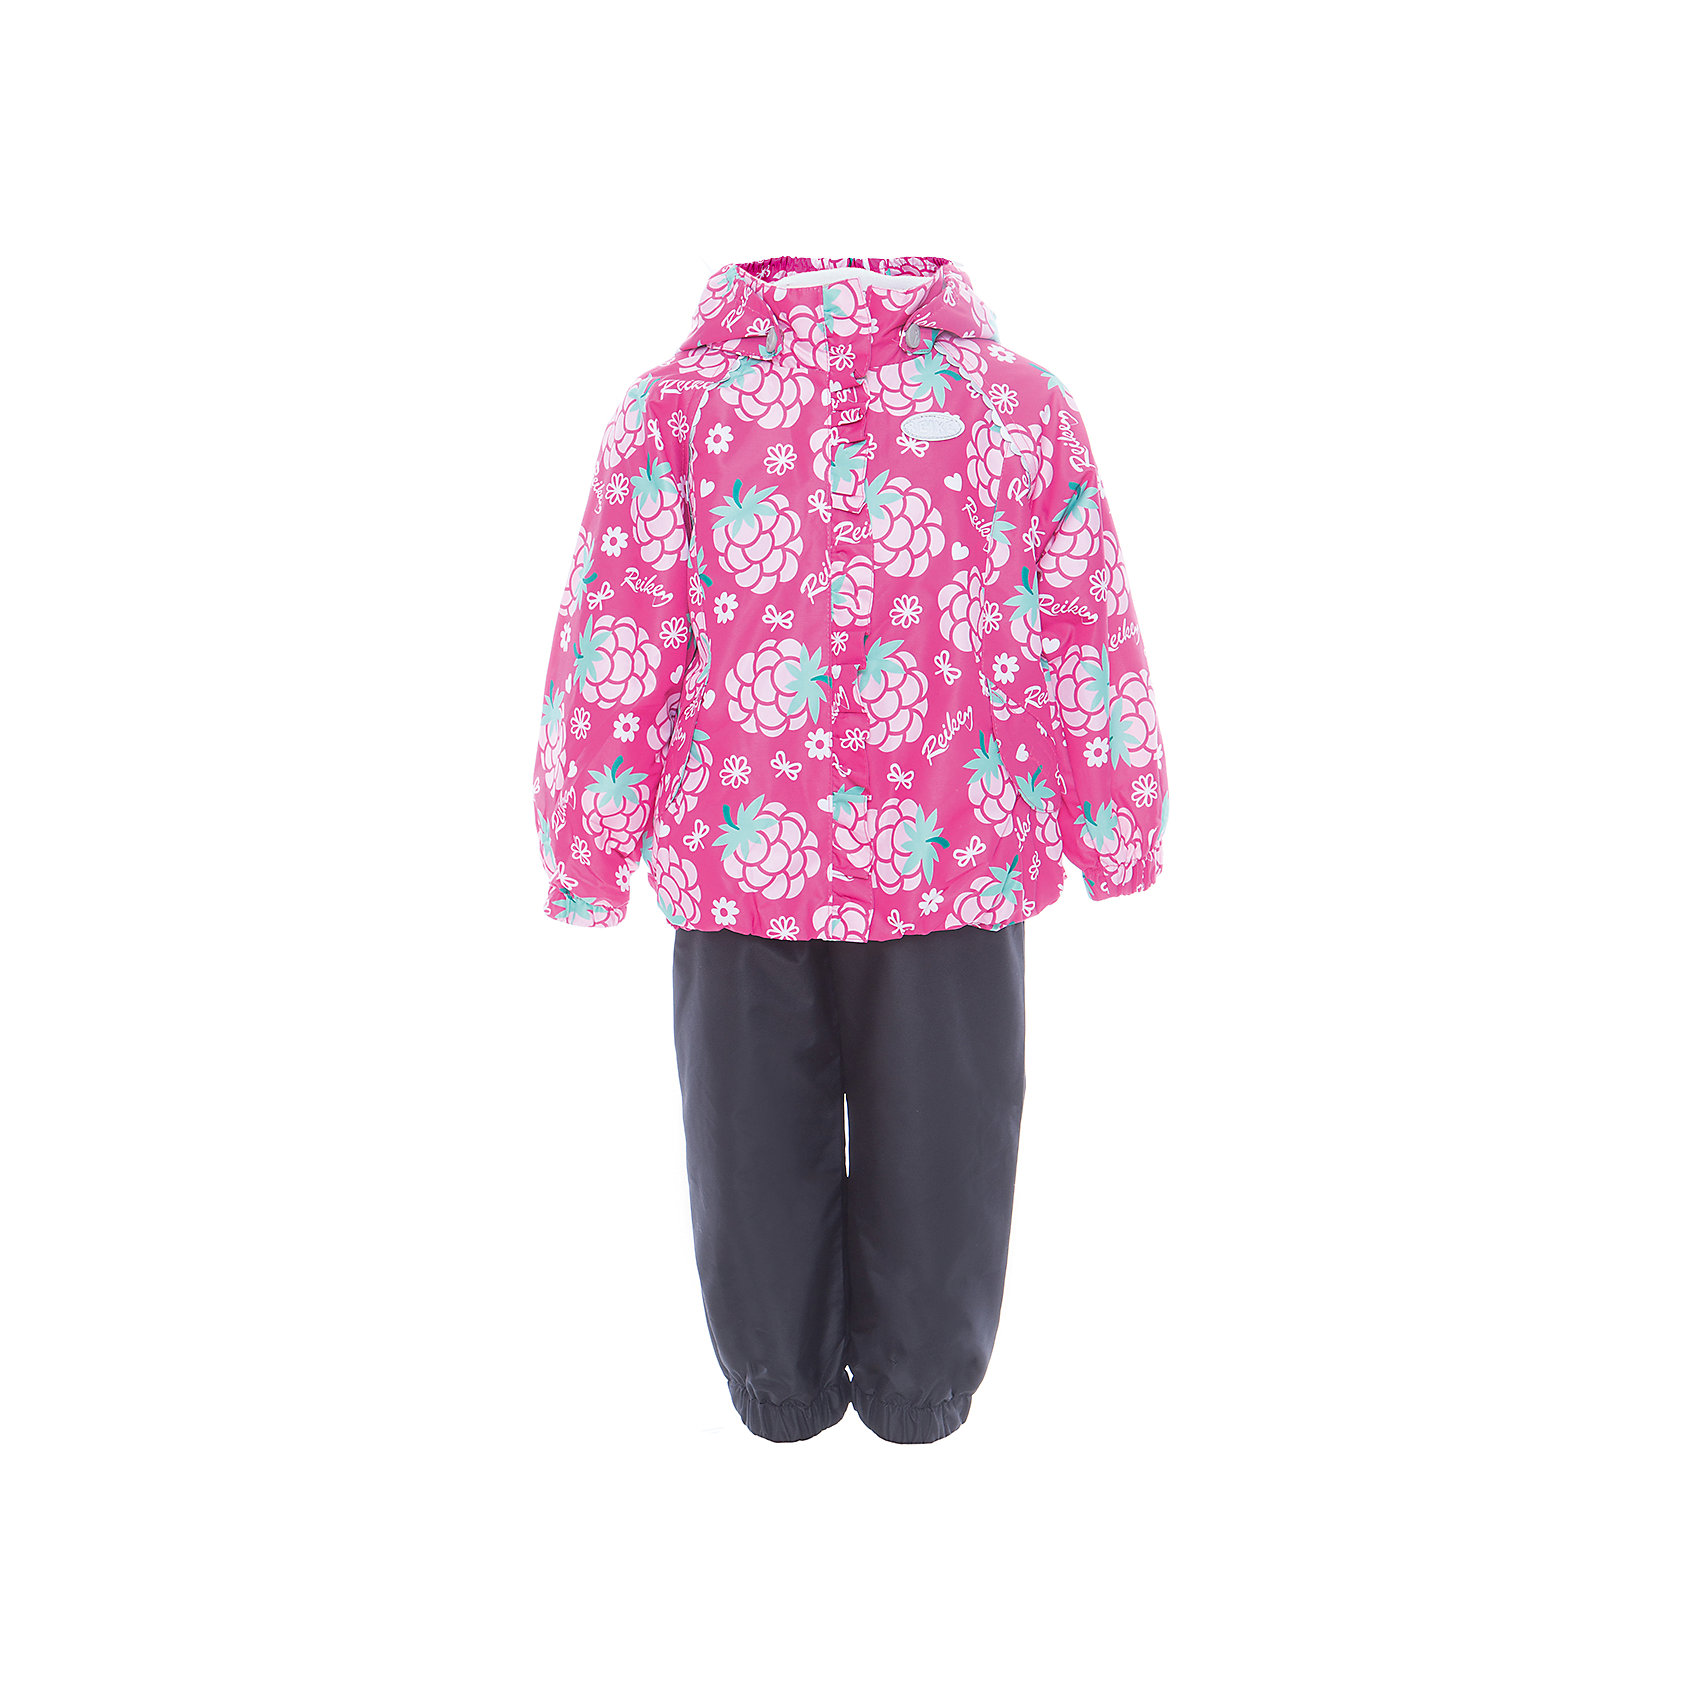 Комплект Reike для девочкиКомплект Reike для девочки<br>Комплект Reike Blackberry fuchsia выполнен из ветрозащитной, водонепроницаемой и дышащей мембранной ткани, декорированной ярким принтом. Подкладка - 100% хлопок с комфортными велюровыми вставками на воротнике и манжетах. Куртка дополнена съемным капюшоном, двумя карманами на липучках, а также светоотражающими элементами. Ветрозащитная планка в виде рюши не допускает проникновения холодного воздуха. Эластичная талия полукомбинезона и регулируемые подтяжки гарантируют посадку по фигуре, длинная молния впереди облегчает процесс одевания. Полукомбинезон оснащен боковым карманом на молнии и съемными штрипками. Без утеплителя. Базовый уровень. Коэффициент воздухопроницаемости комплекта 2000гр/м2/24 ч. Водоотталкивающее покрытие: 2000 мм. Состав: 100% полиэстер, подкладка: 100% хлопок.<br>Состав:<br>100% ПЭ  утеплитель: 100% ПЭ  подкладка: 100% хлопок<br><br>Ширина мм: 215<br>Глубина мм: 88<br>Высота мм: 191<br>Вес г: 336<br>Цвет: фуксия<br>Возраст от месяцев: 36<br>Возраст до месяцев: 48<br>Пол: Женский<br>Возраст: Детский<br>Размер: 104,86,92,98<br>SKU: 5429939